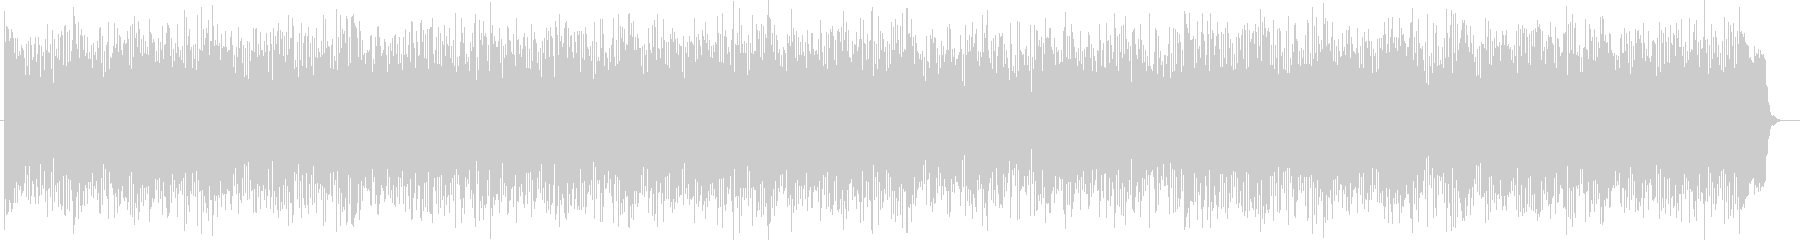 ミステリアスなシンセ・ドラムサウンドの未再生の波形